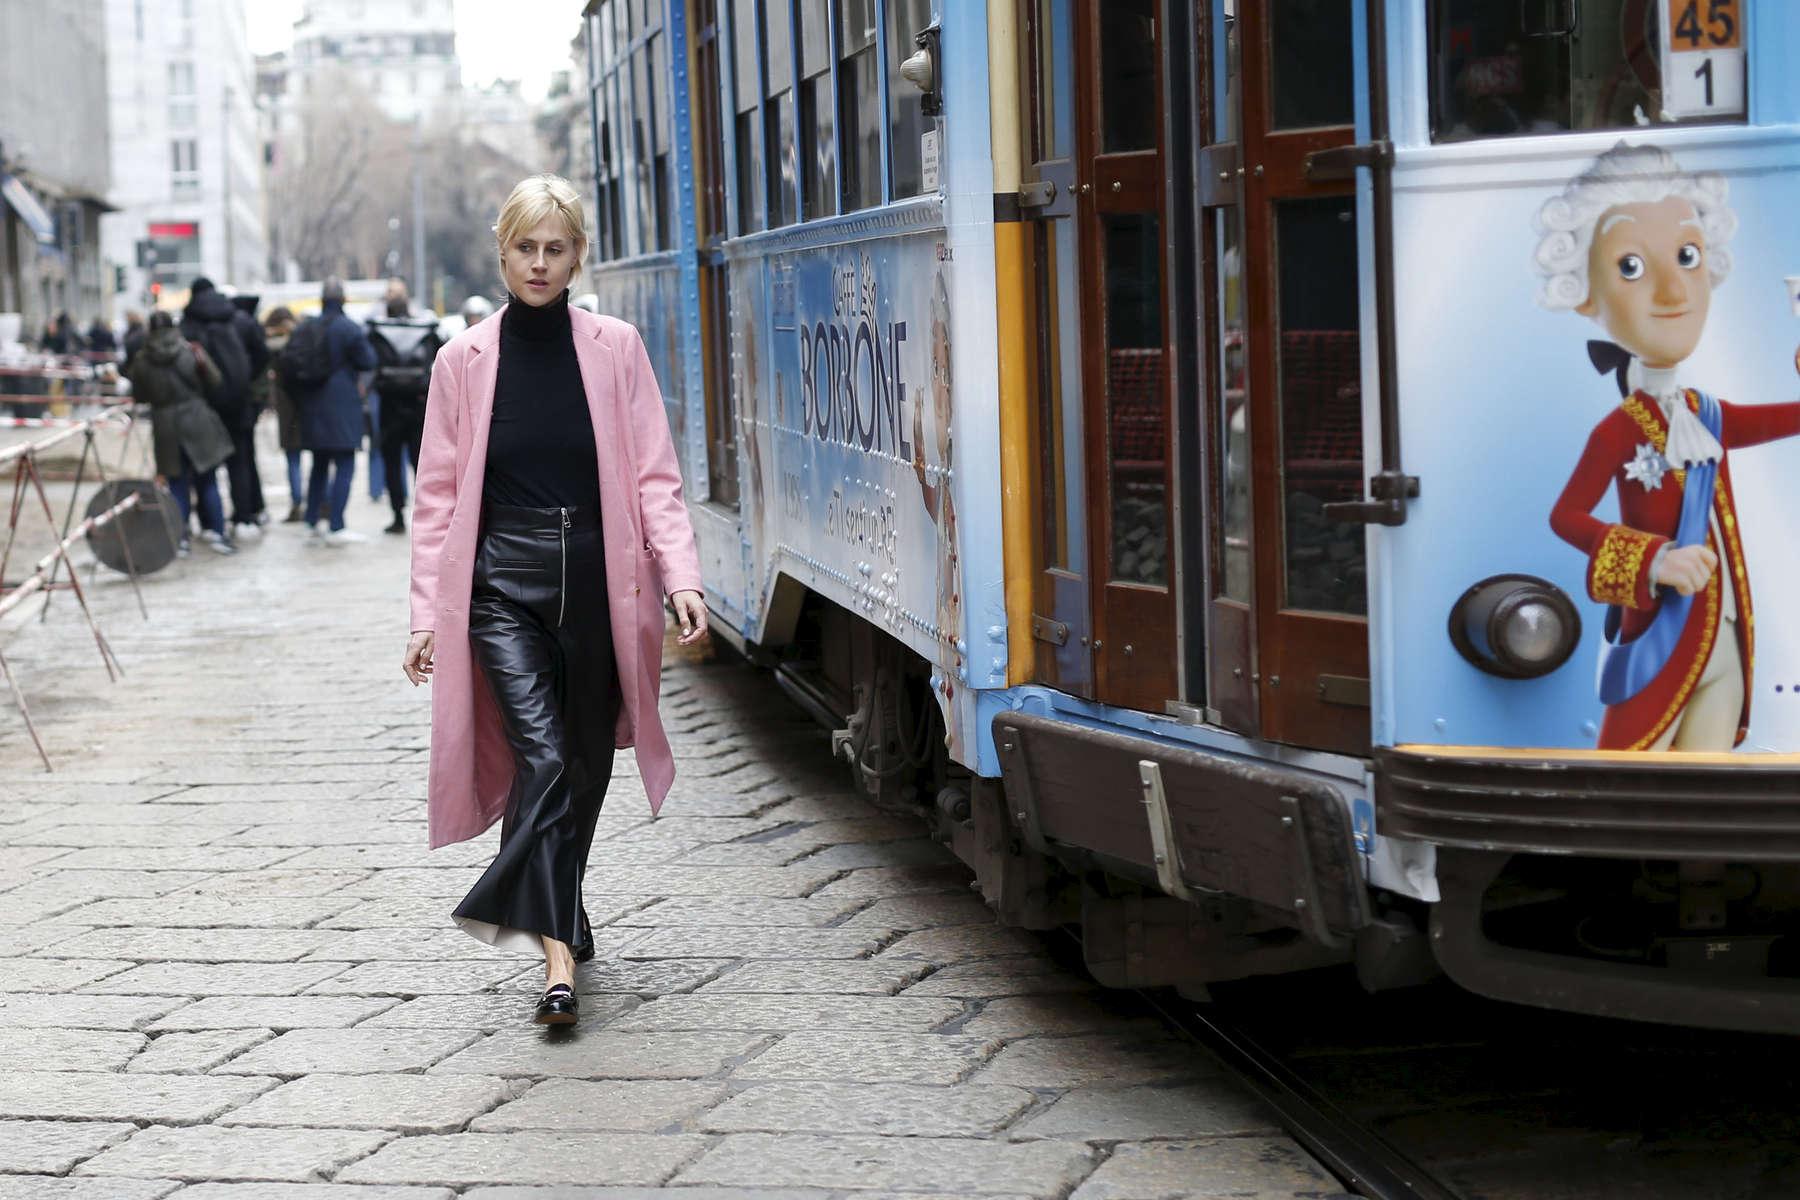 Linda Tol - Milan Fashion Week, Feb. 2016